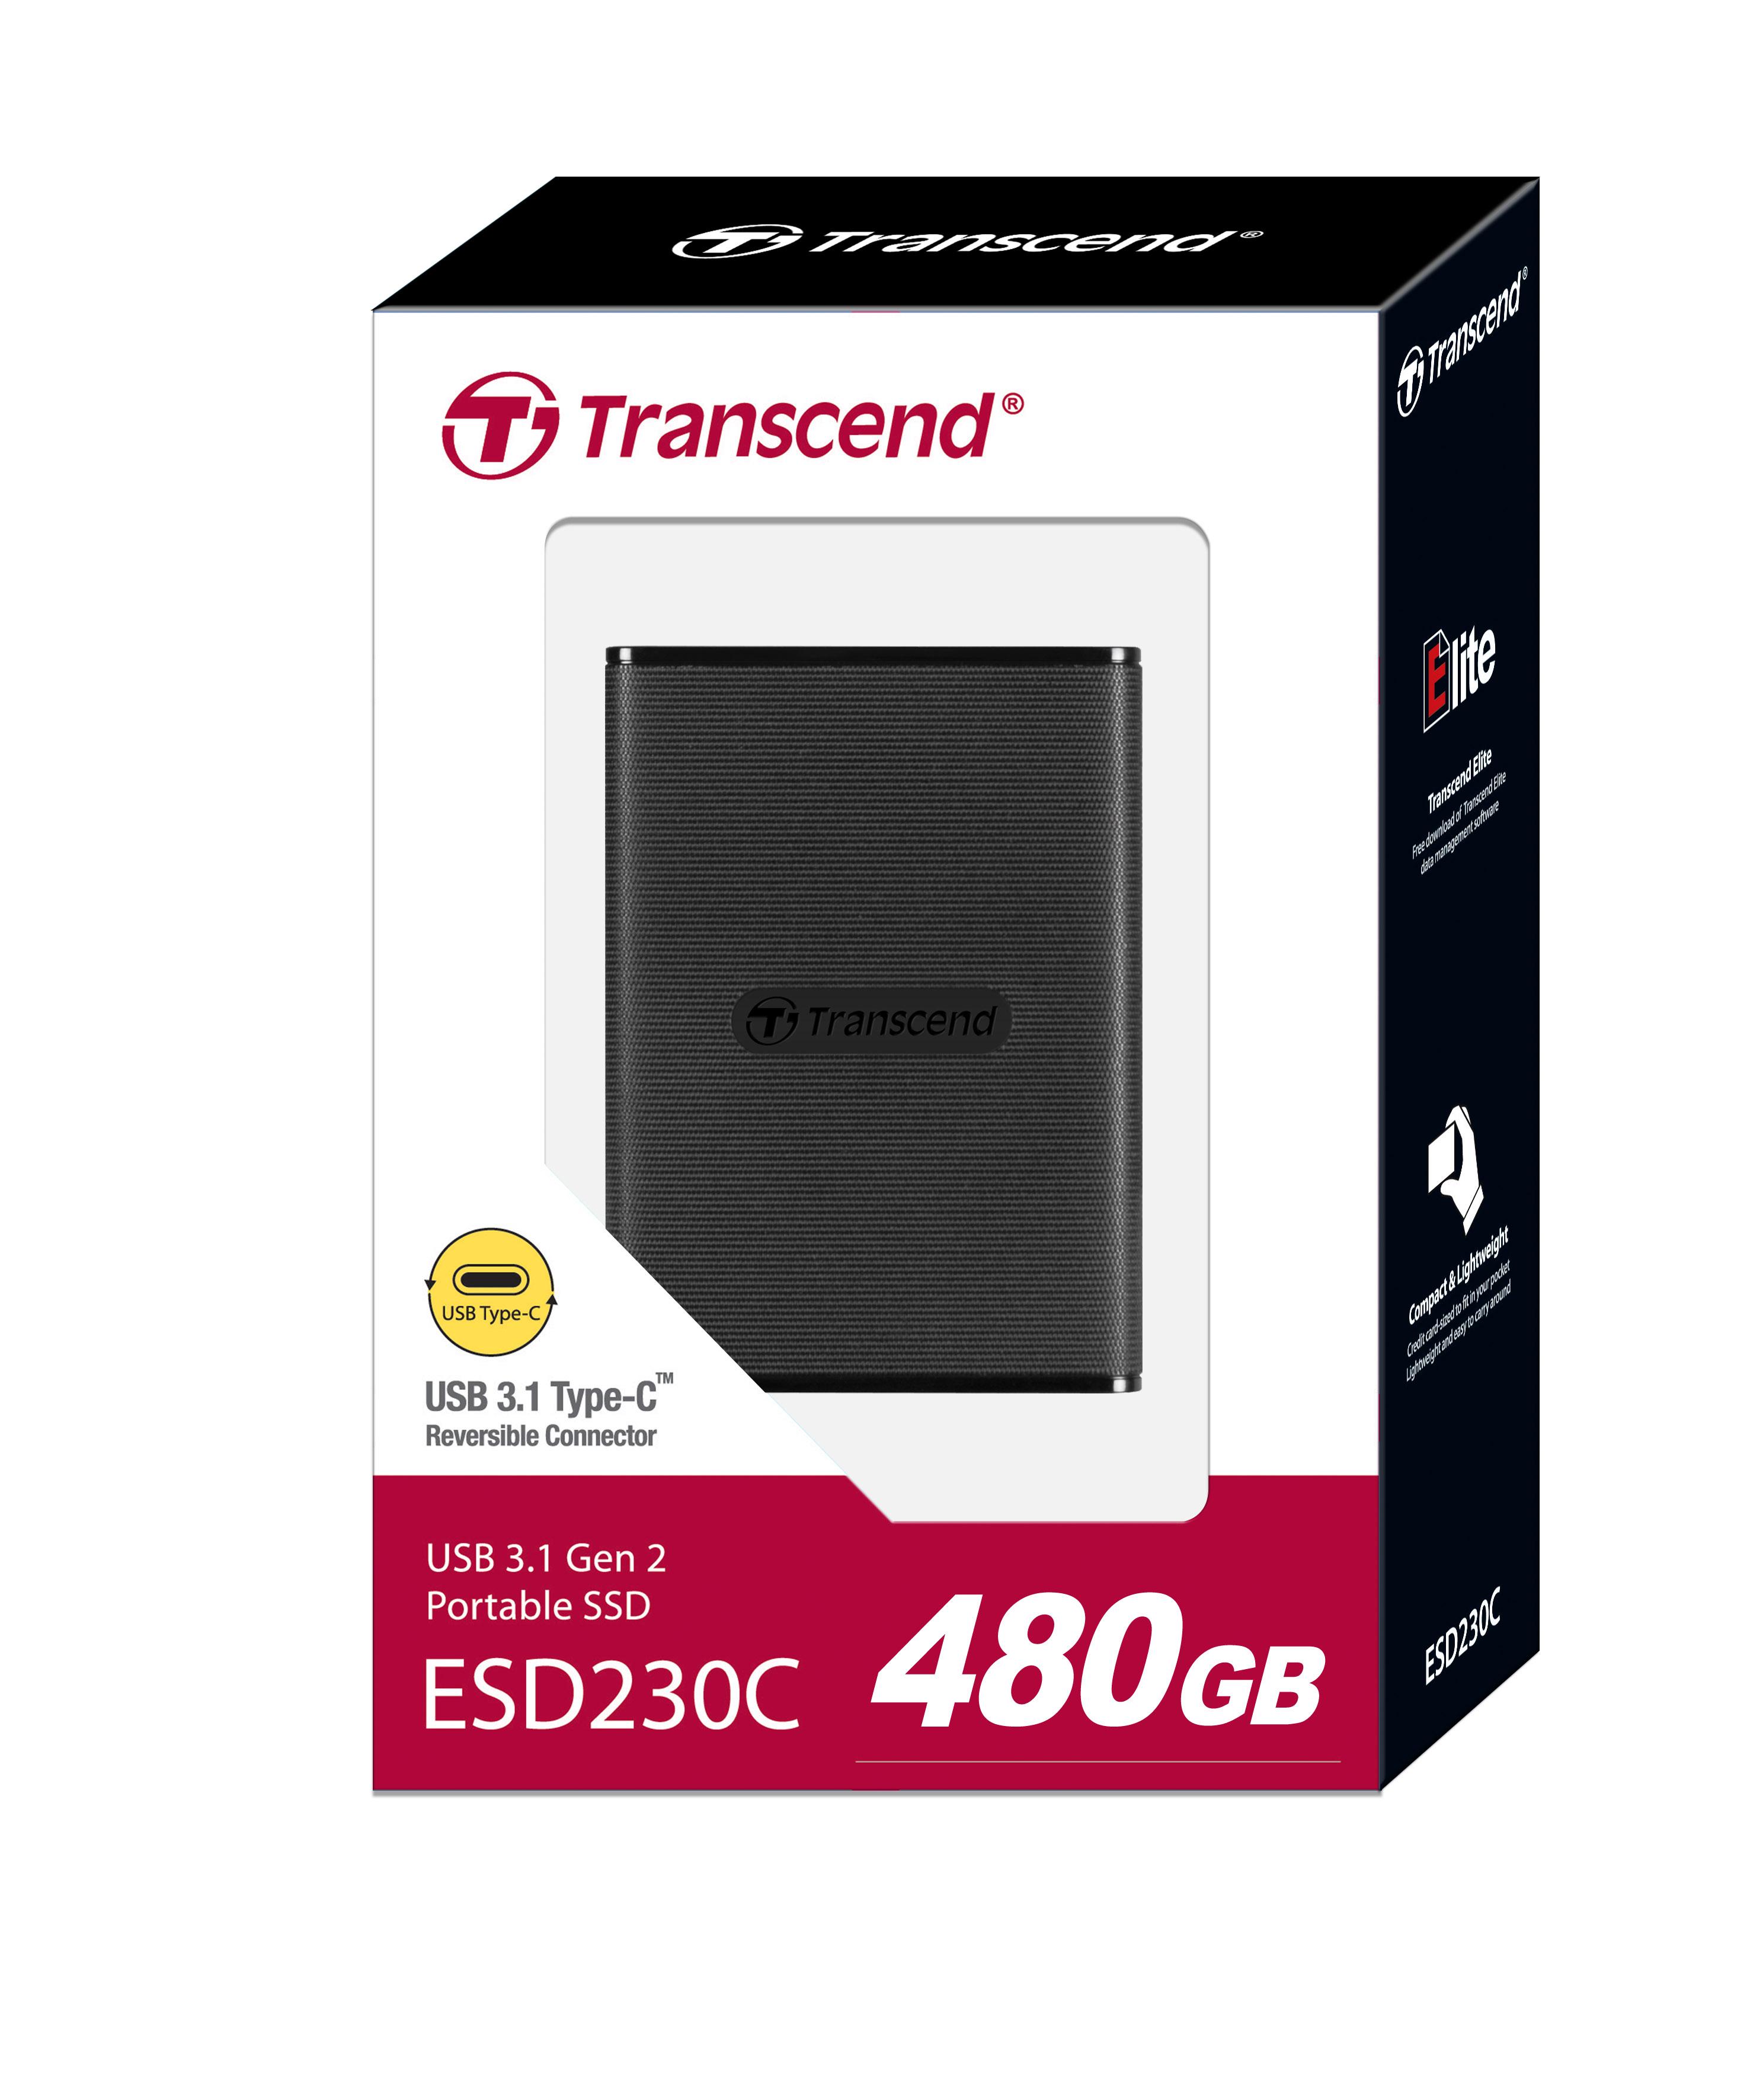 """Ổ Cứng Di Động SSD Transcend ESD230C 480GB 2.5"""" USB Type C - TS480GESD230C - Hàng Chính Hãng"""